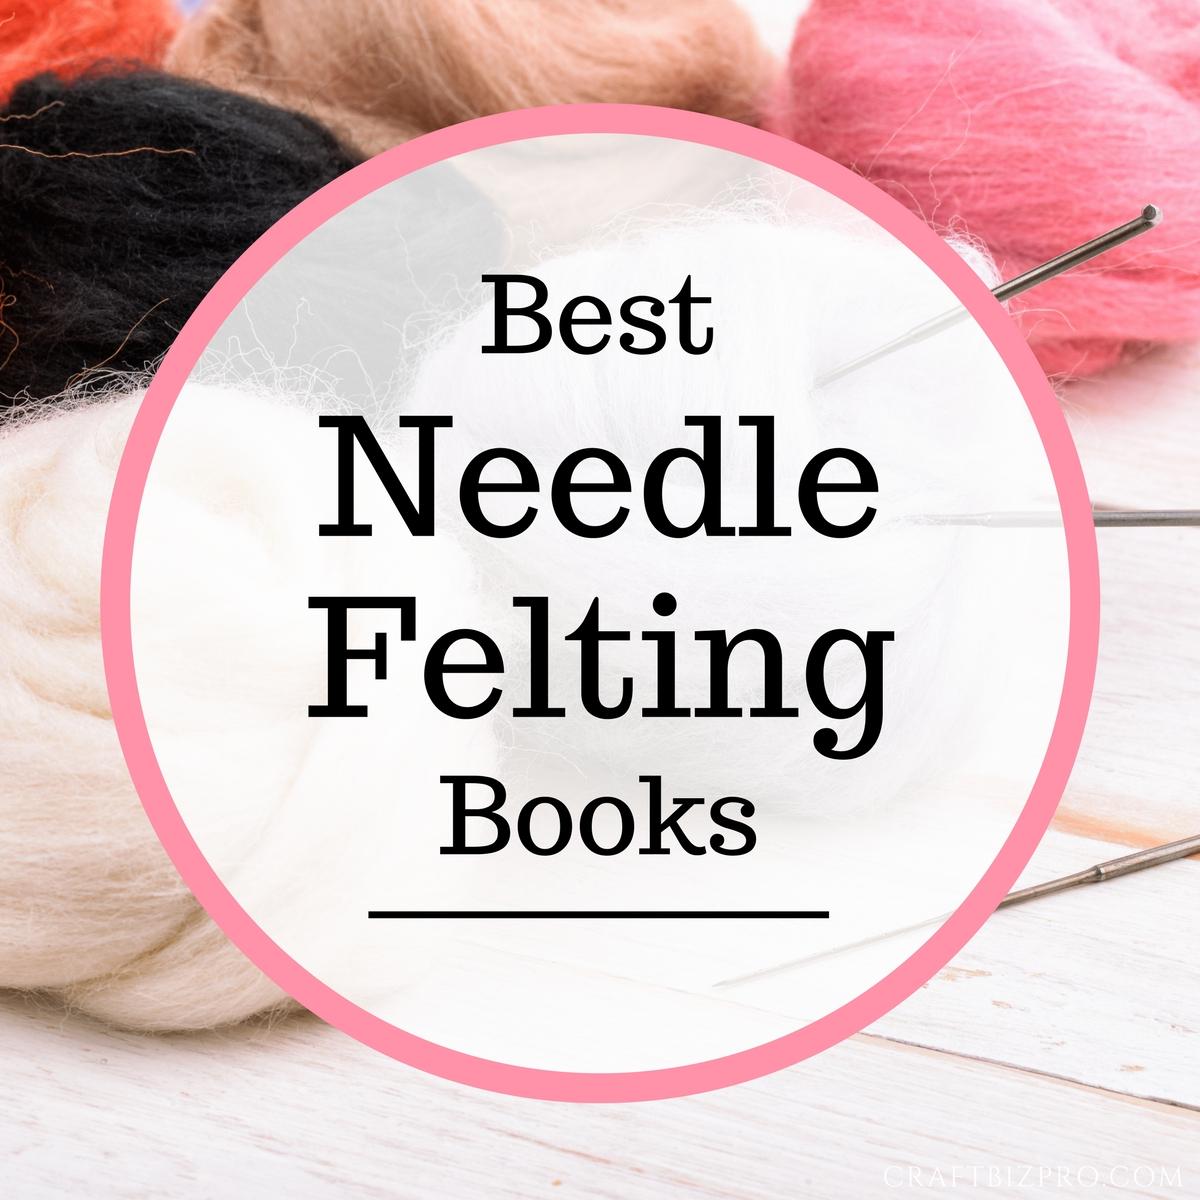 Best Needle Felting Books for Beginner & Intermediate Felters